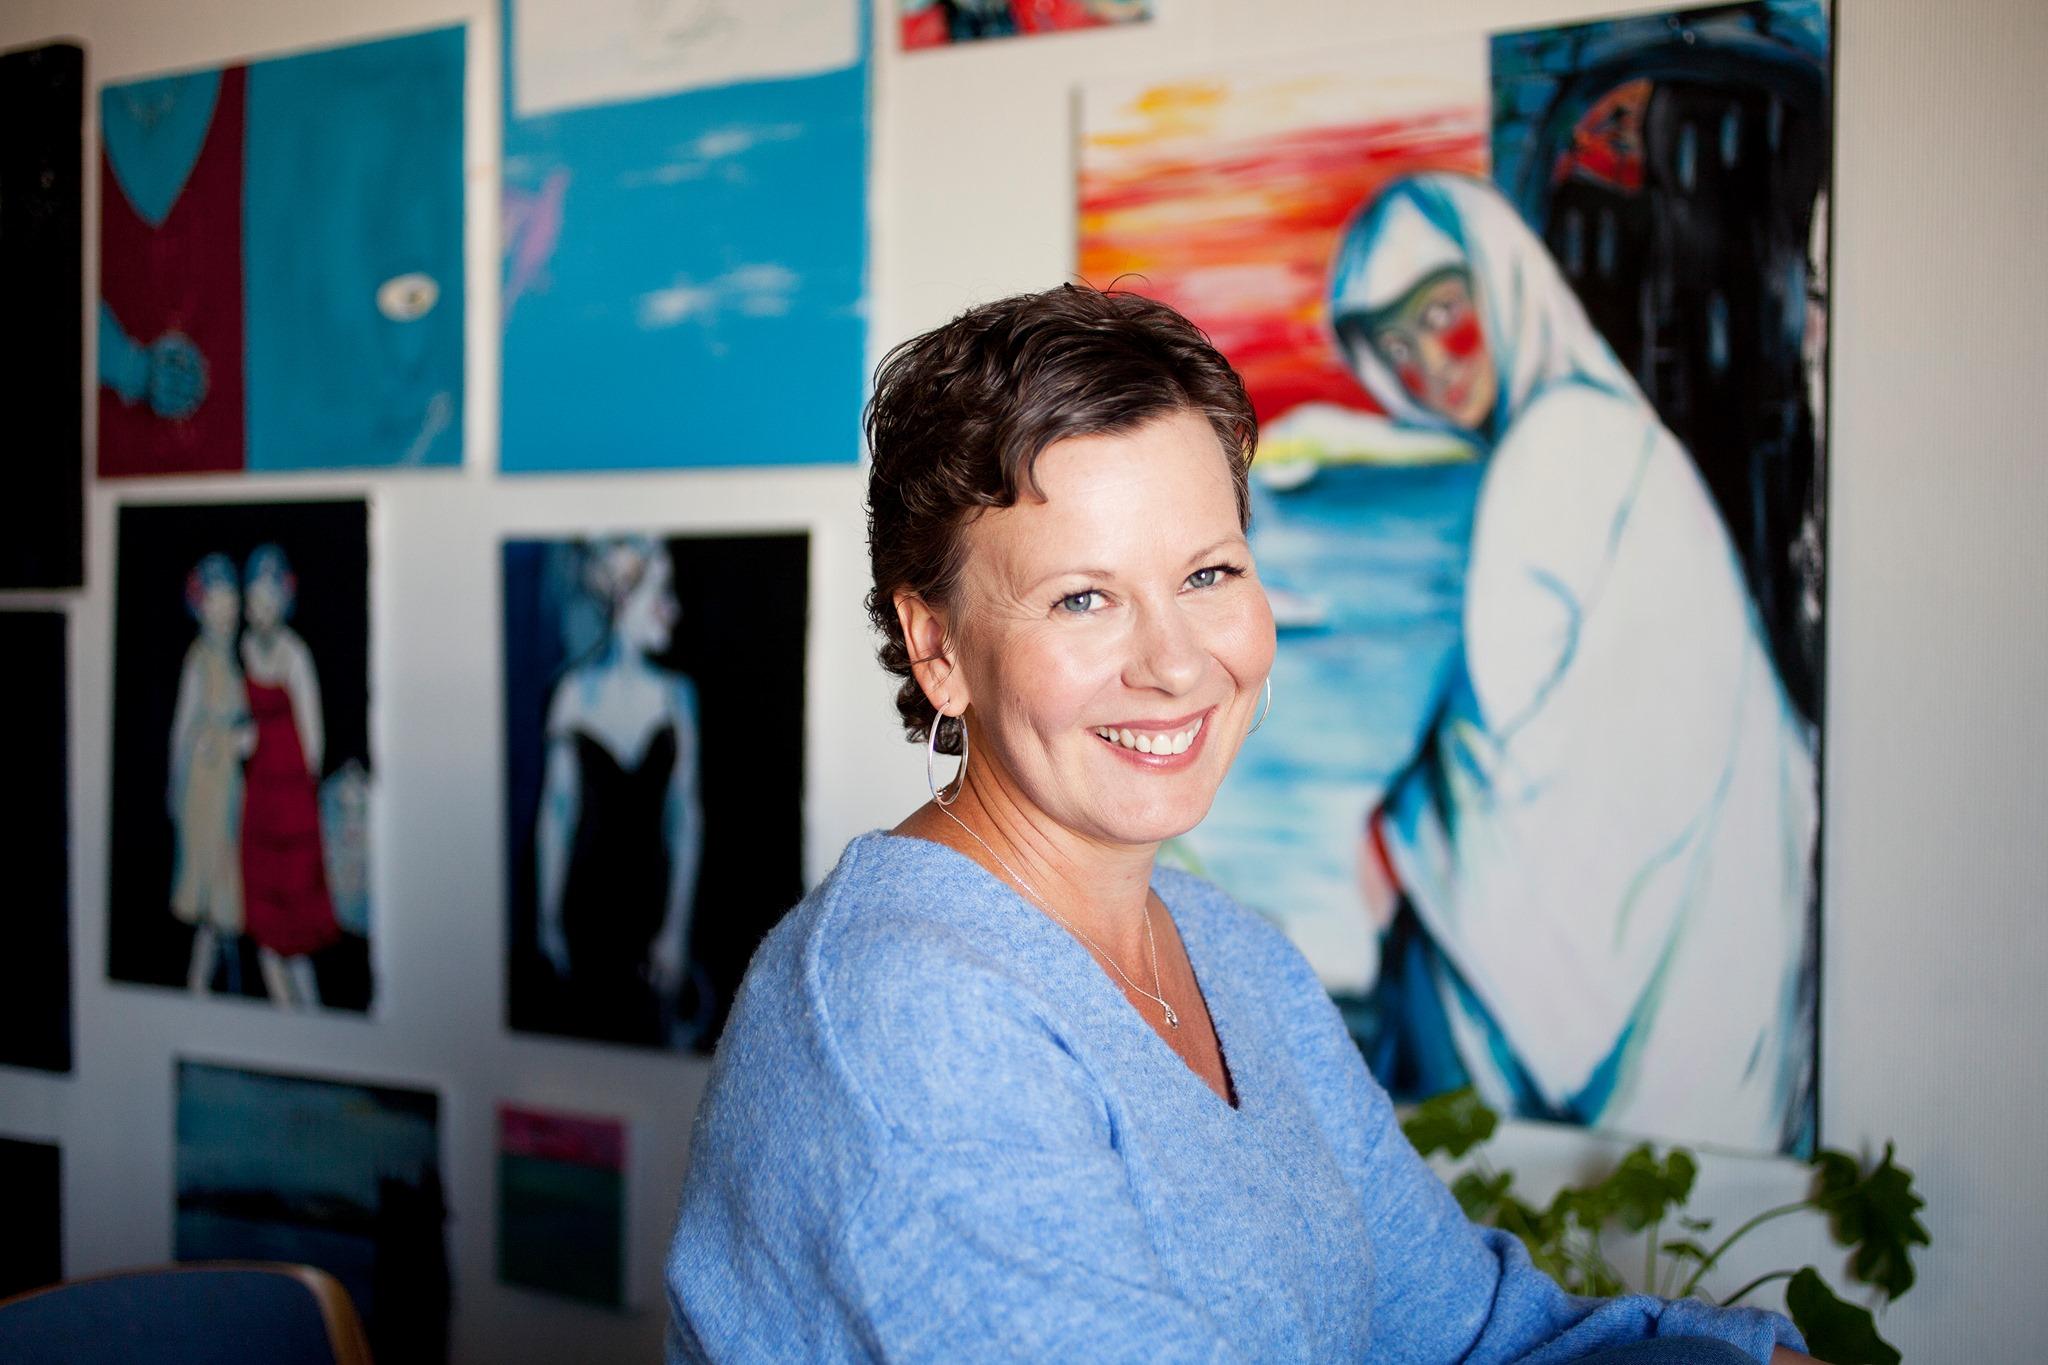 Kirjailija Krista Launonen hymyilee. Taustalla maalauksia.